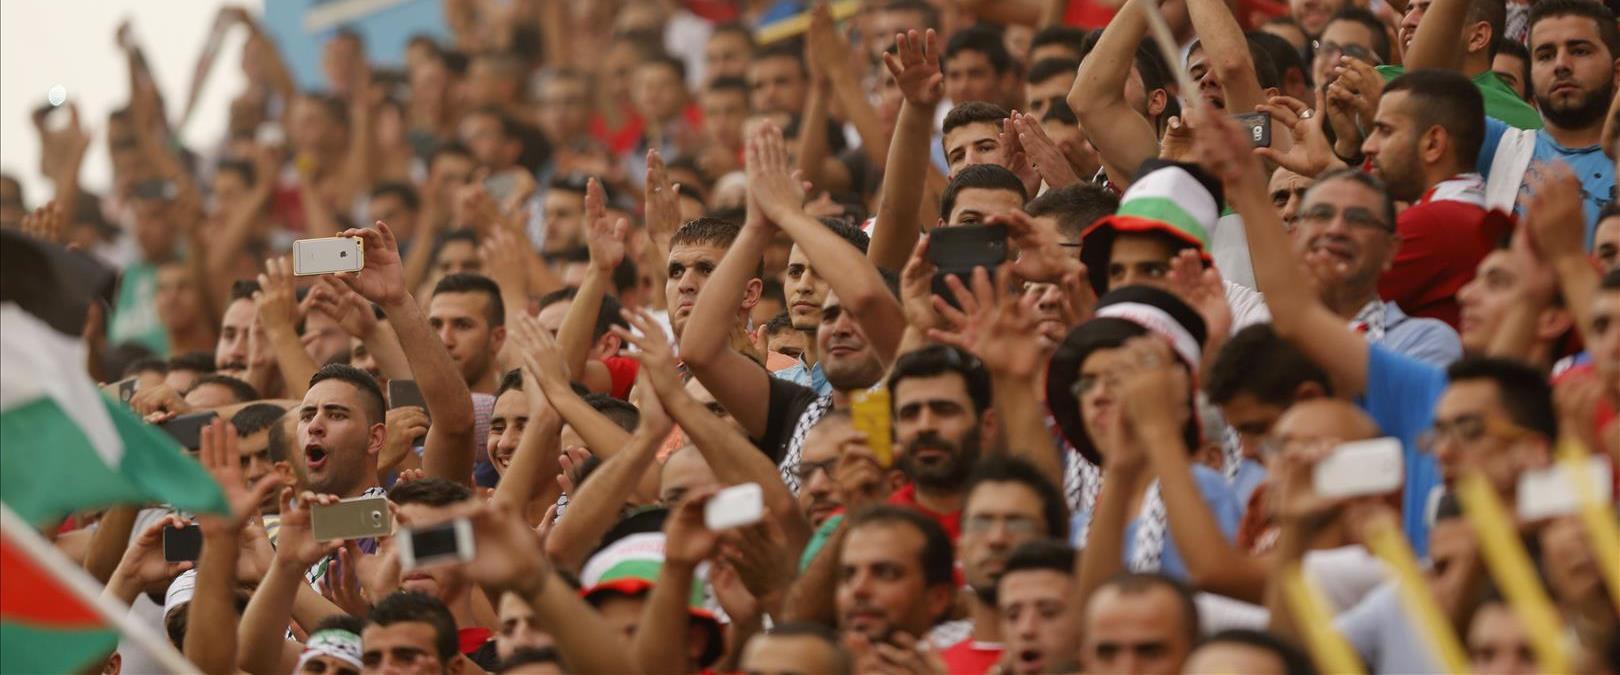 משחק כדורגל של נבחרת פלסטין, ארכיון